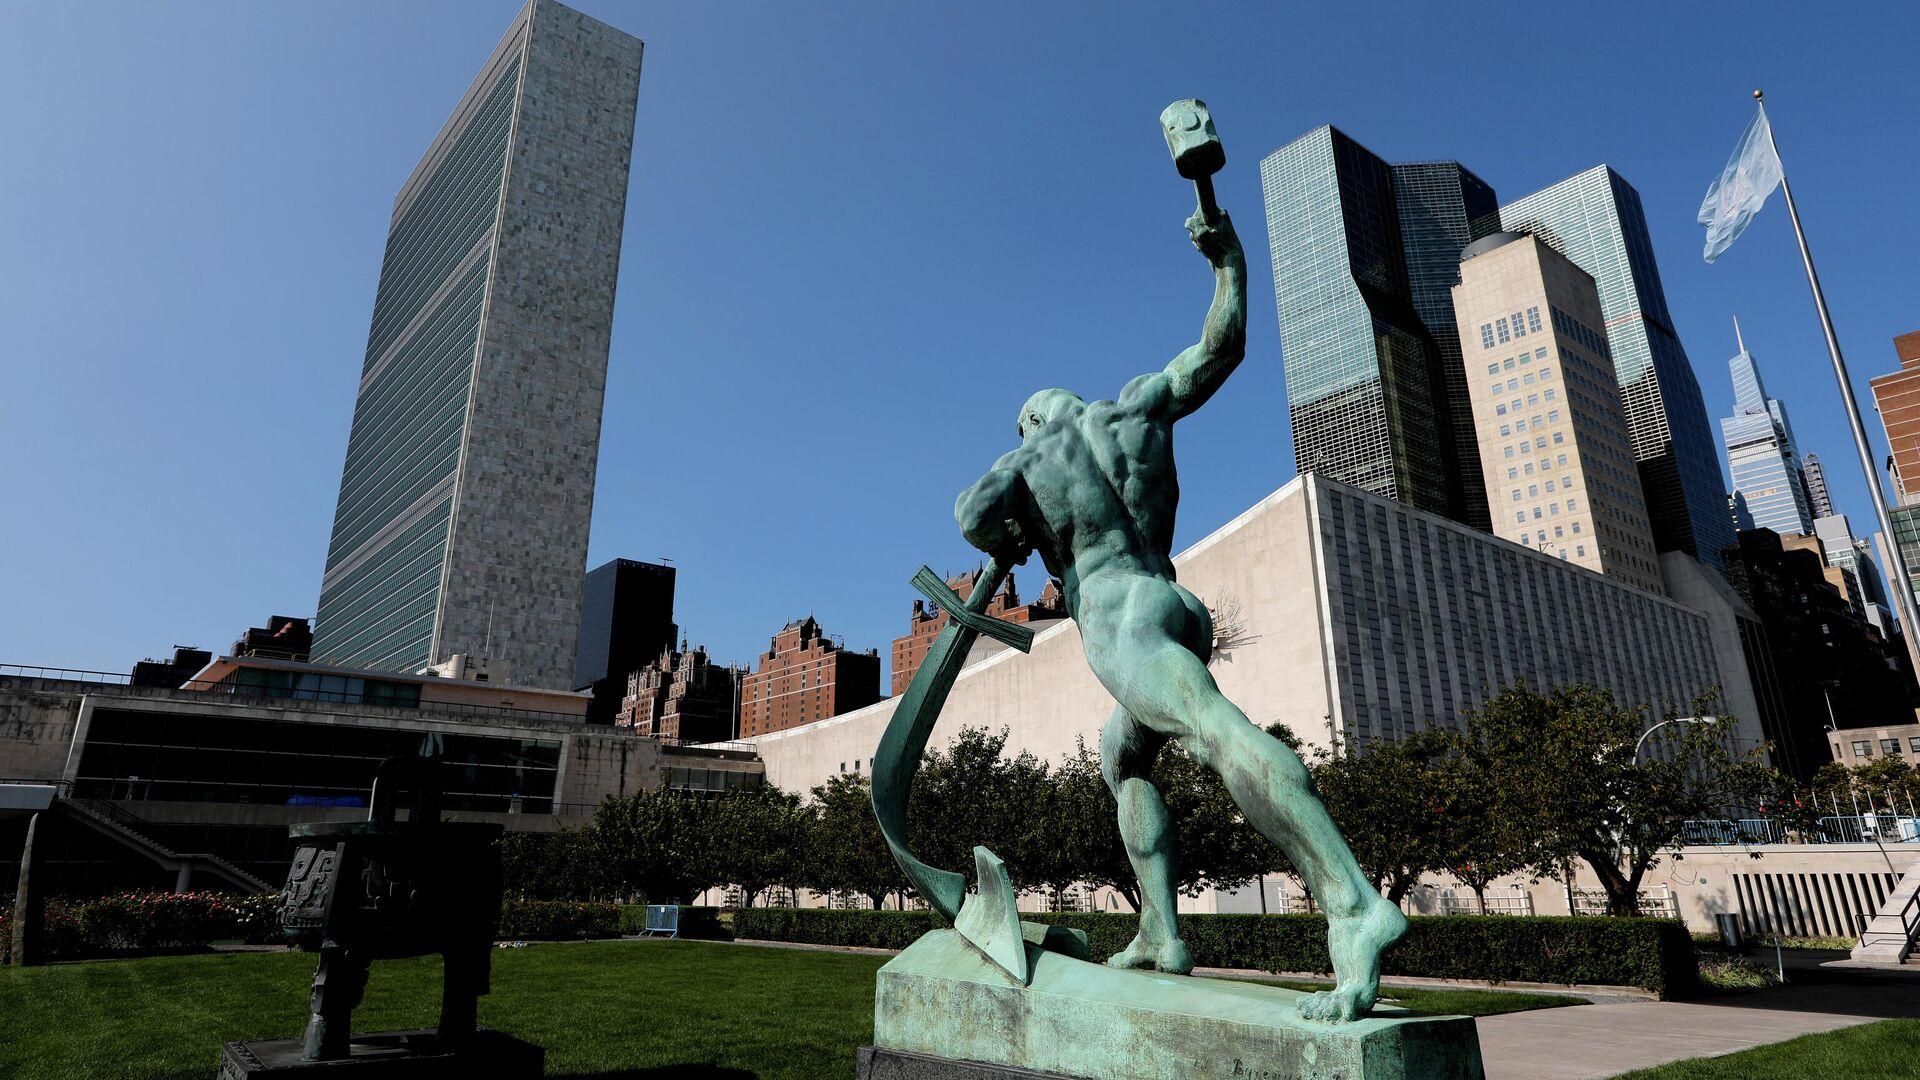 Штаб-квартира ООН в Нью-Йорке во время 75-й сессии Генеральной Ассамблеи ООН - РИА Новости, 1920, 16.10.2020